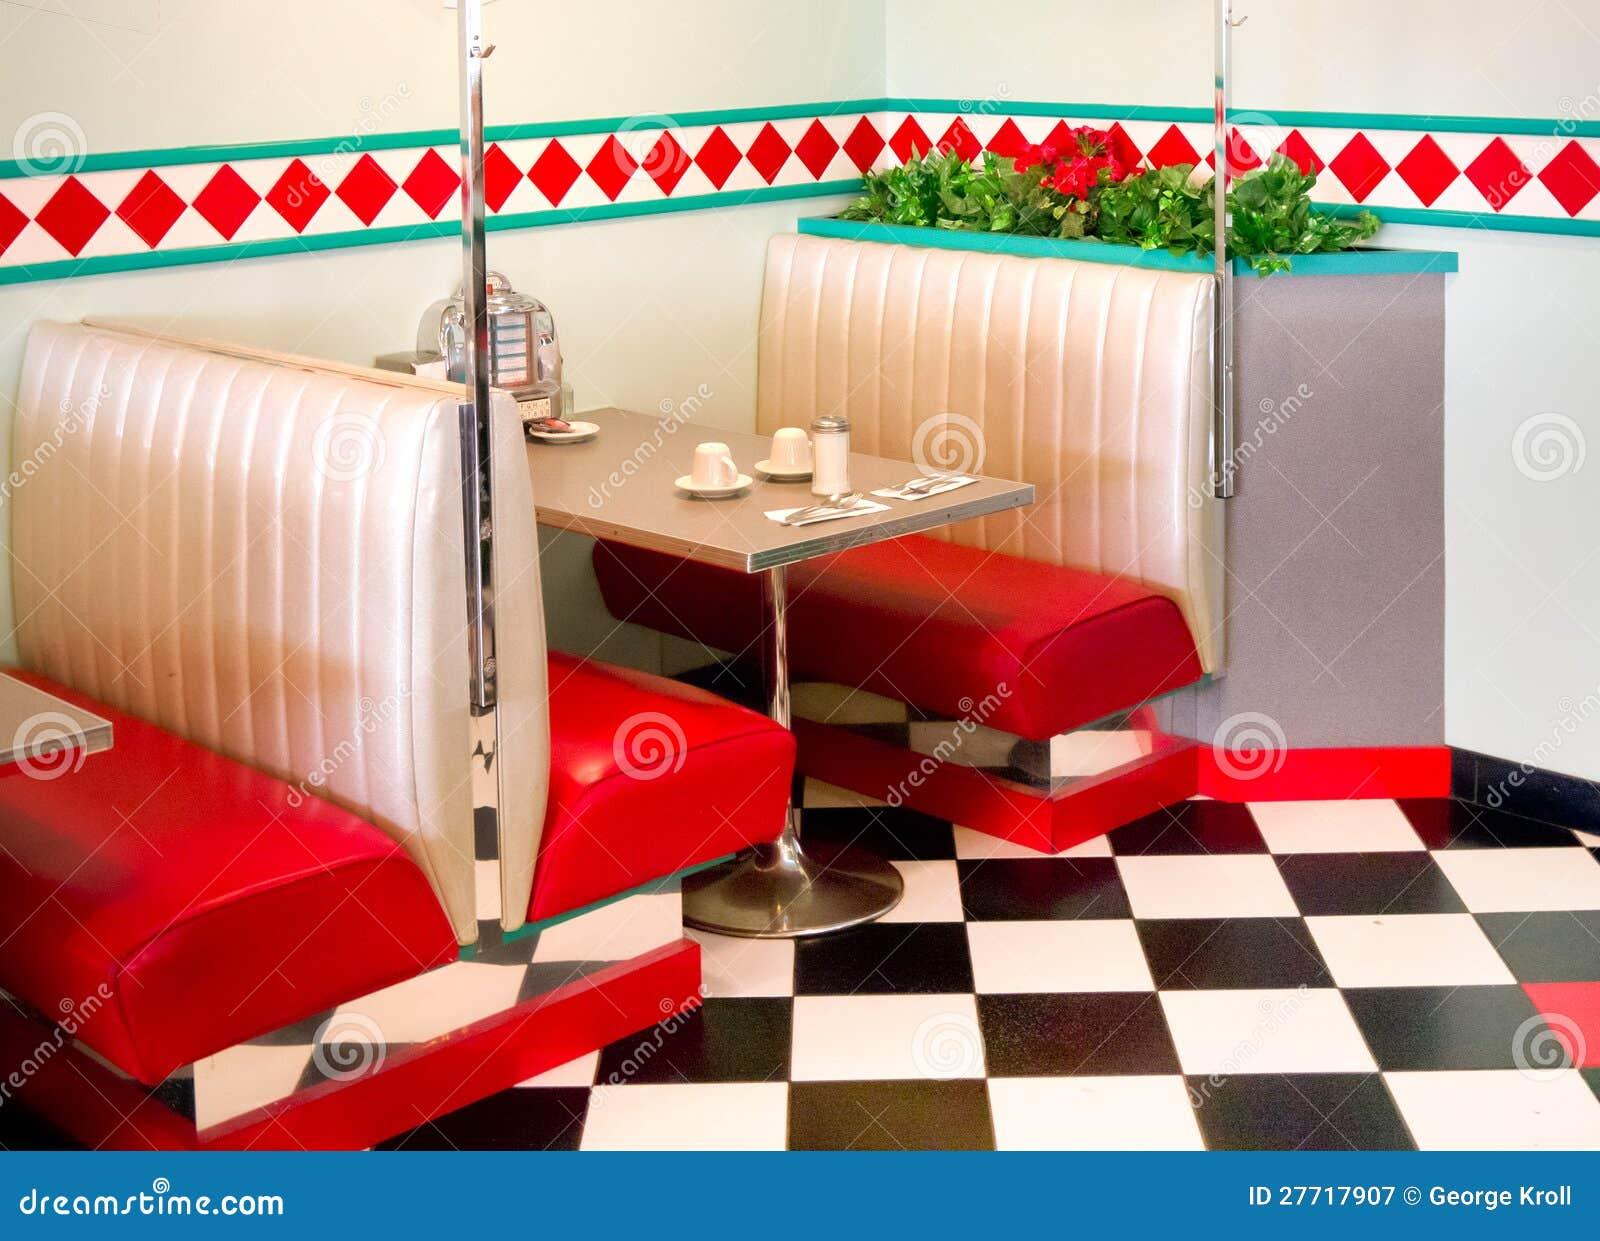 Fifties Diner